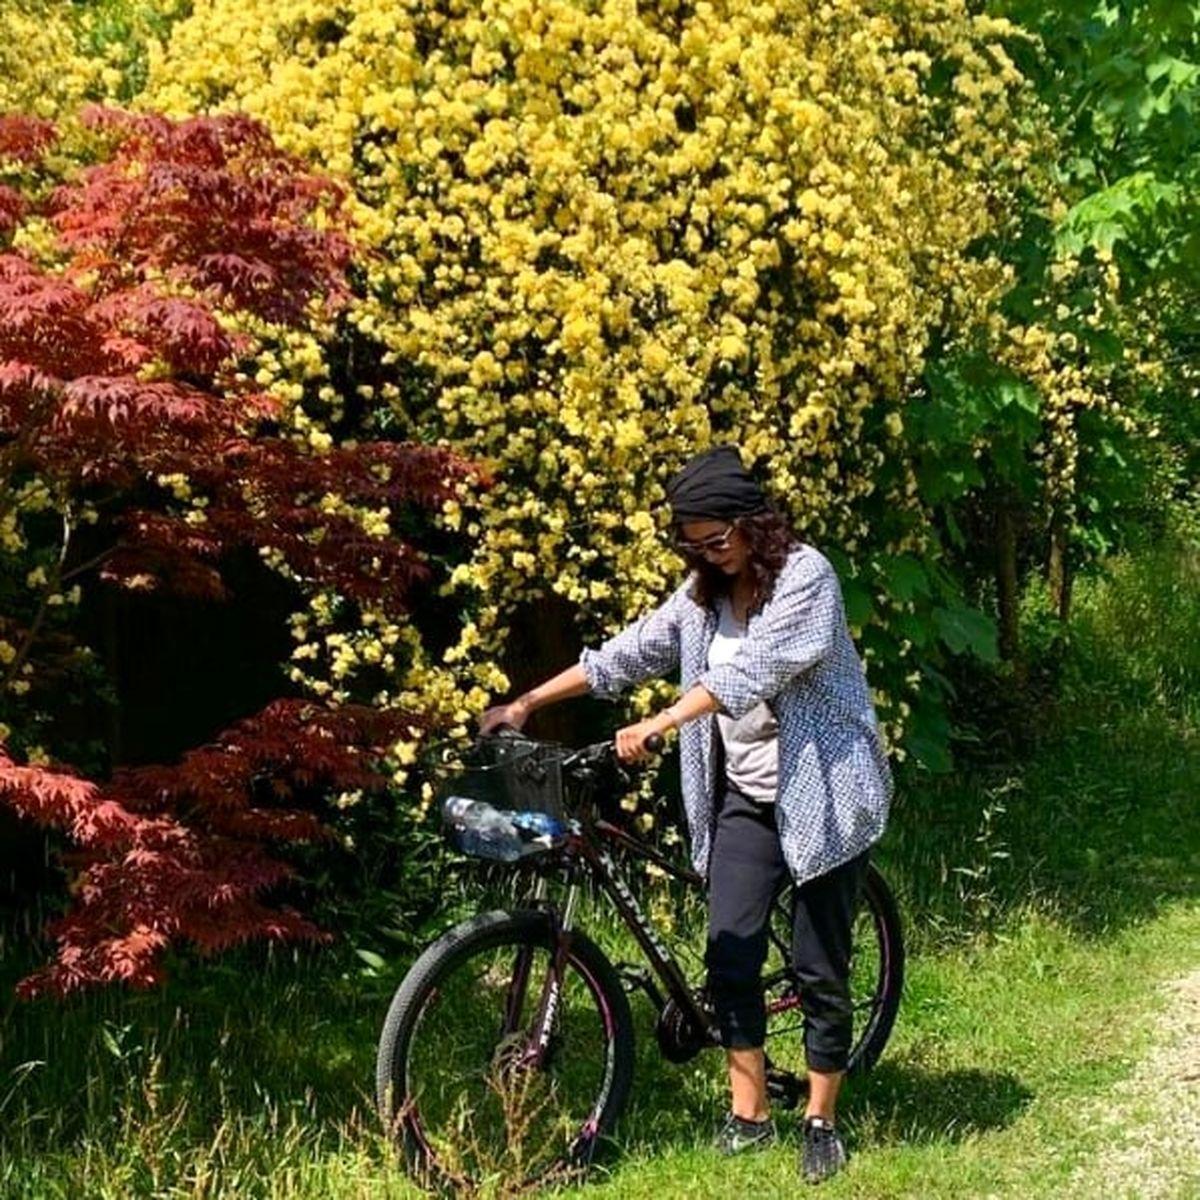 دوچرخه سواری پریناز ایزدیار با شلوارک کوتاه ! +عکس